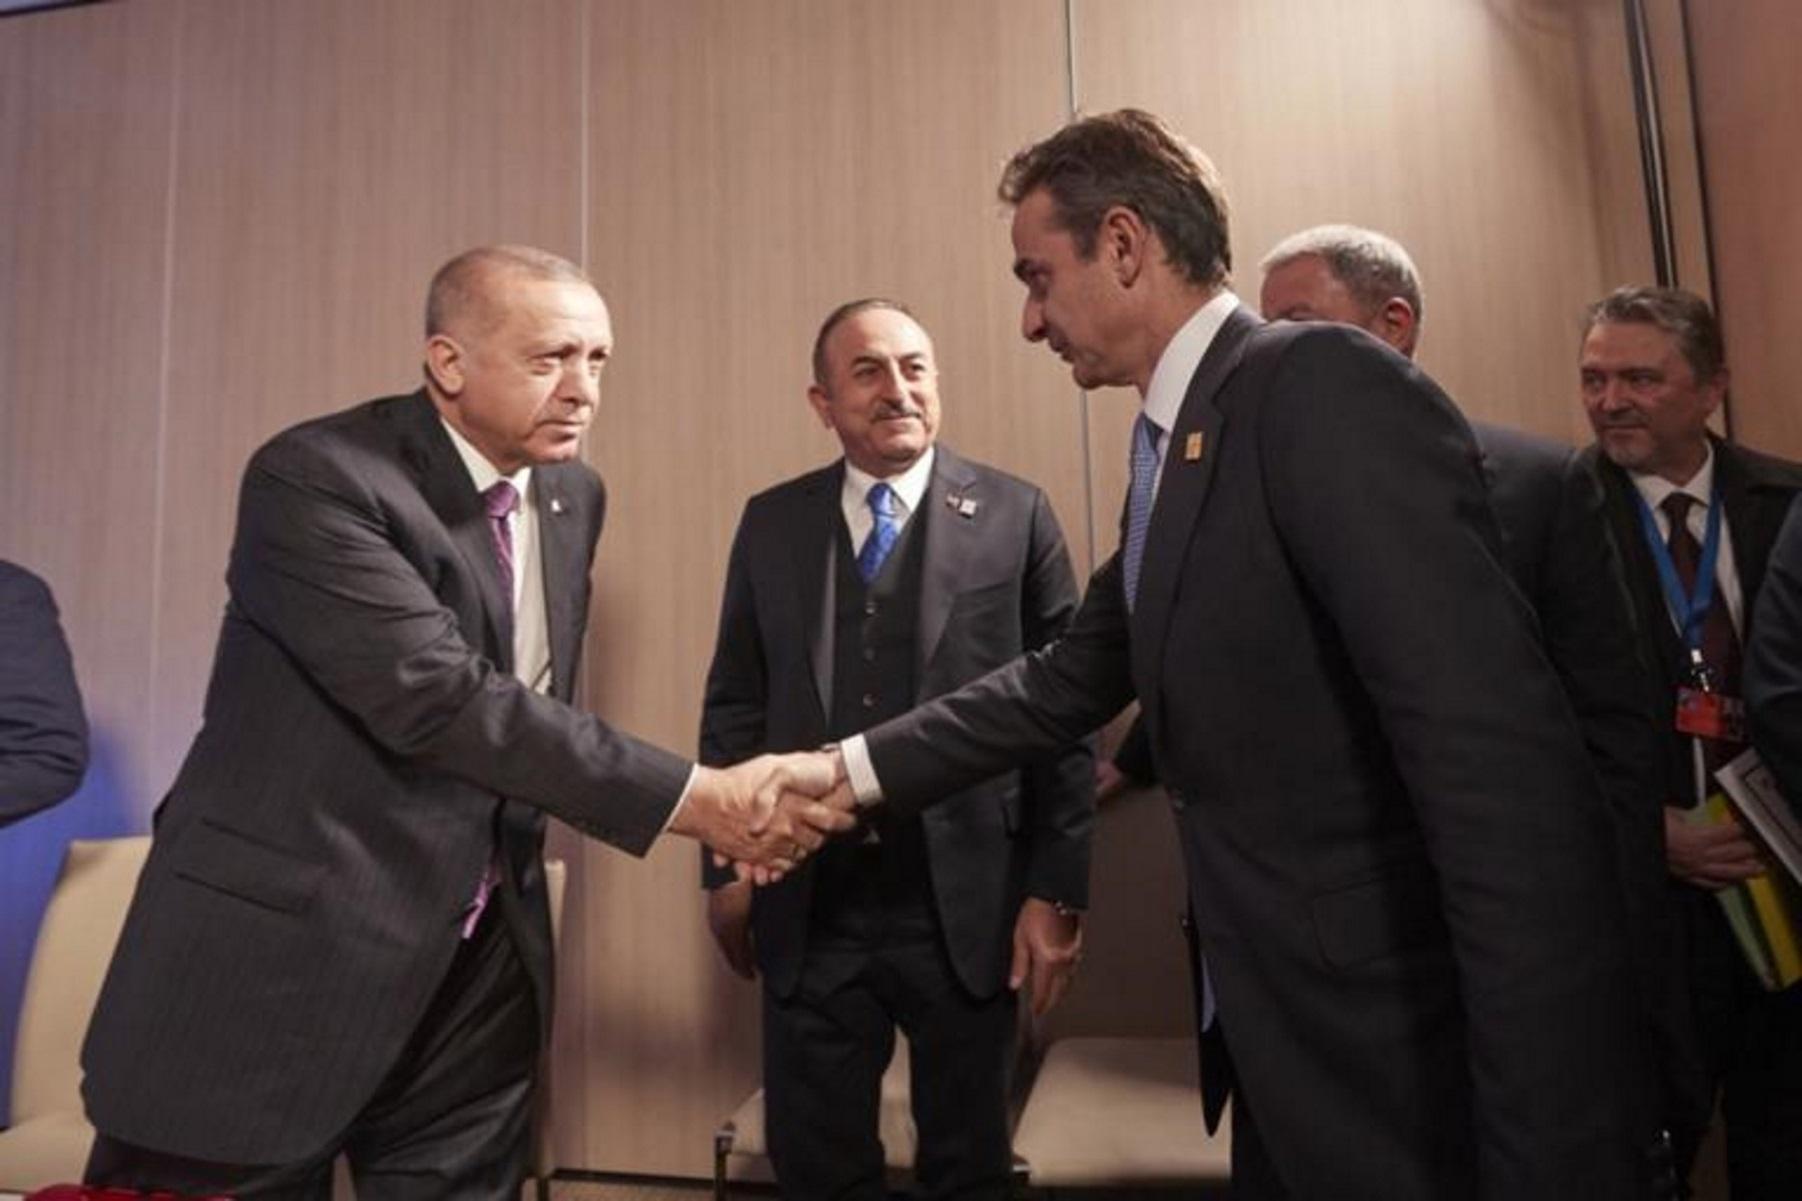 Μητσοτάκης – Ερντογάν: Τετ α τετ στο περιθώριο της συνόδου κορυφής του ΝΑΤΟ